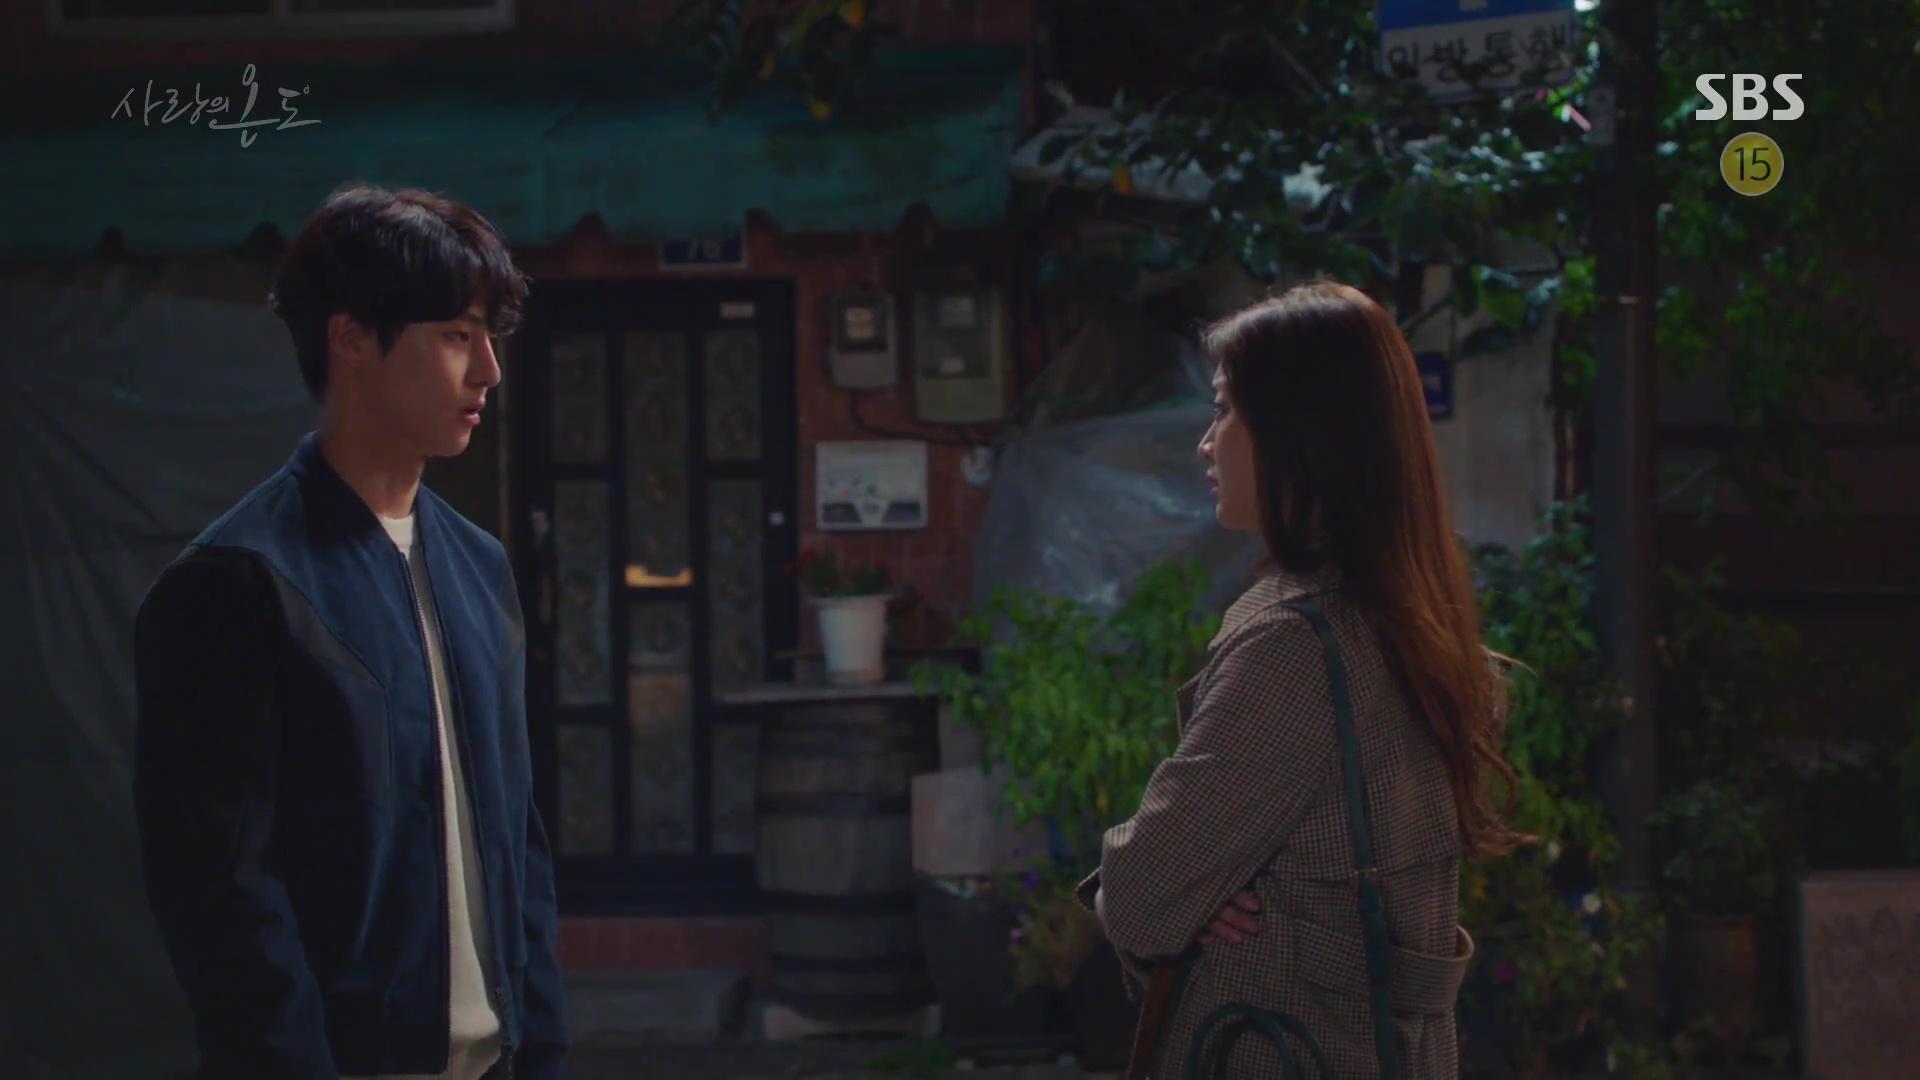 Bị nam chính bơ đẹp, yêu nữ số 1 Hàn Quốc nuốt không nổi cơm, quyết phục thù - Ảnh 6.